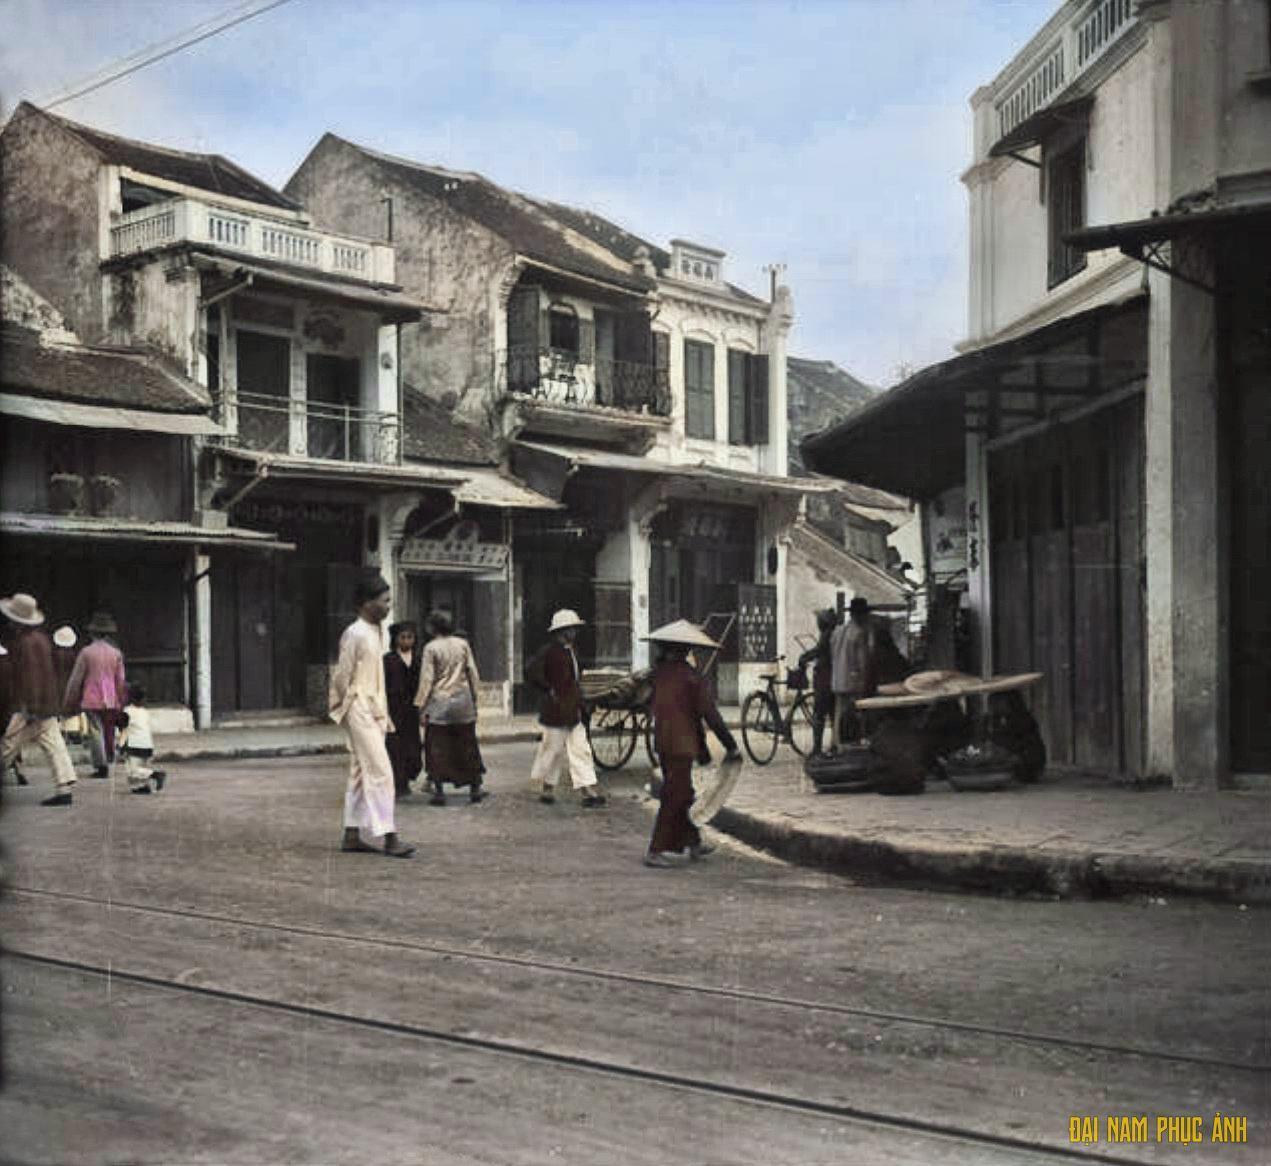 Hình ảnh phố phường Hà Nội xưa những ngày giáp Tết